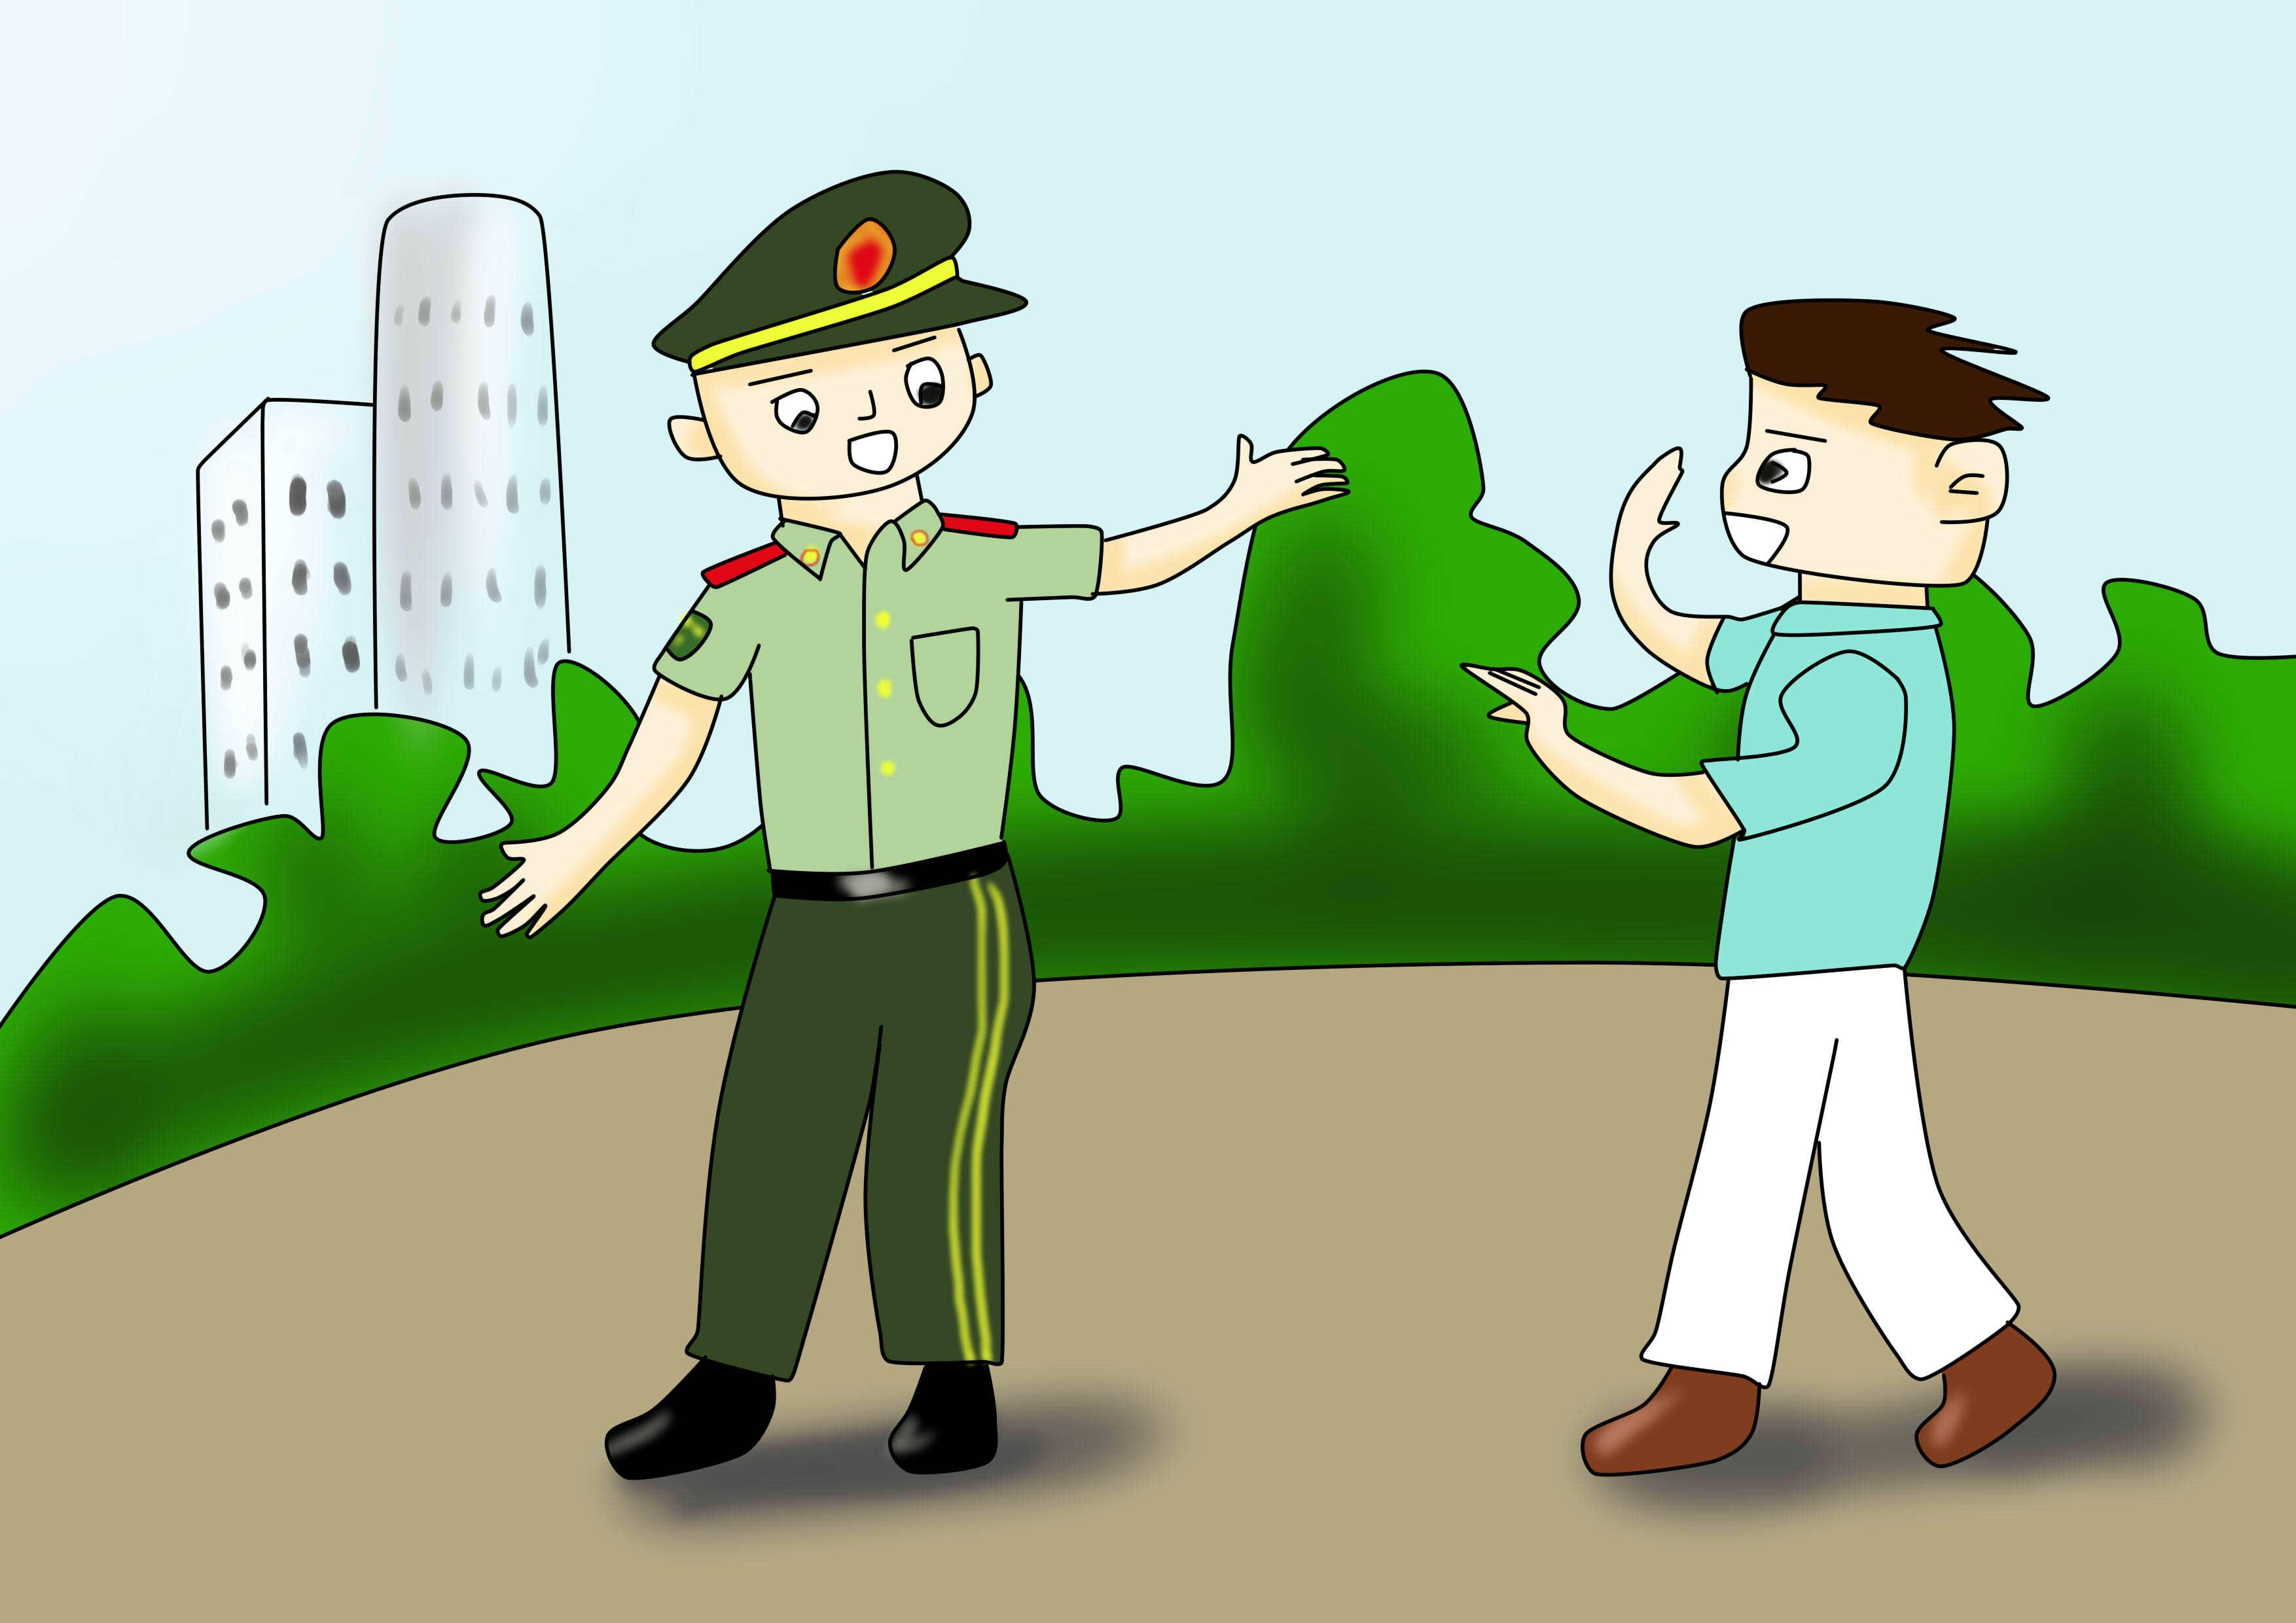 动漫 卡通 漫画 设计 矢量 矢量图 素材 头像 3508_2480